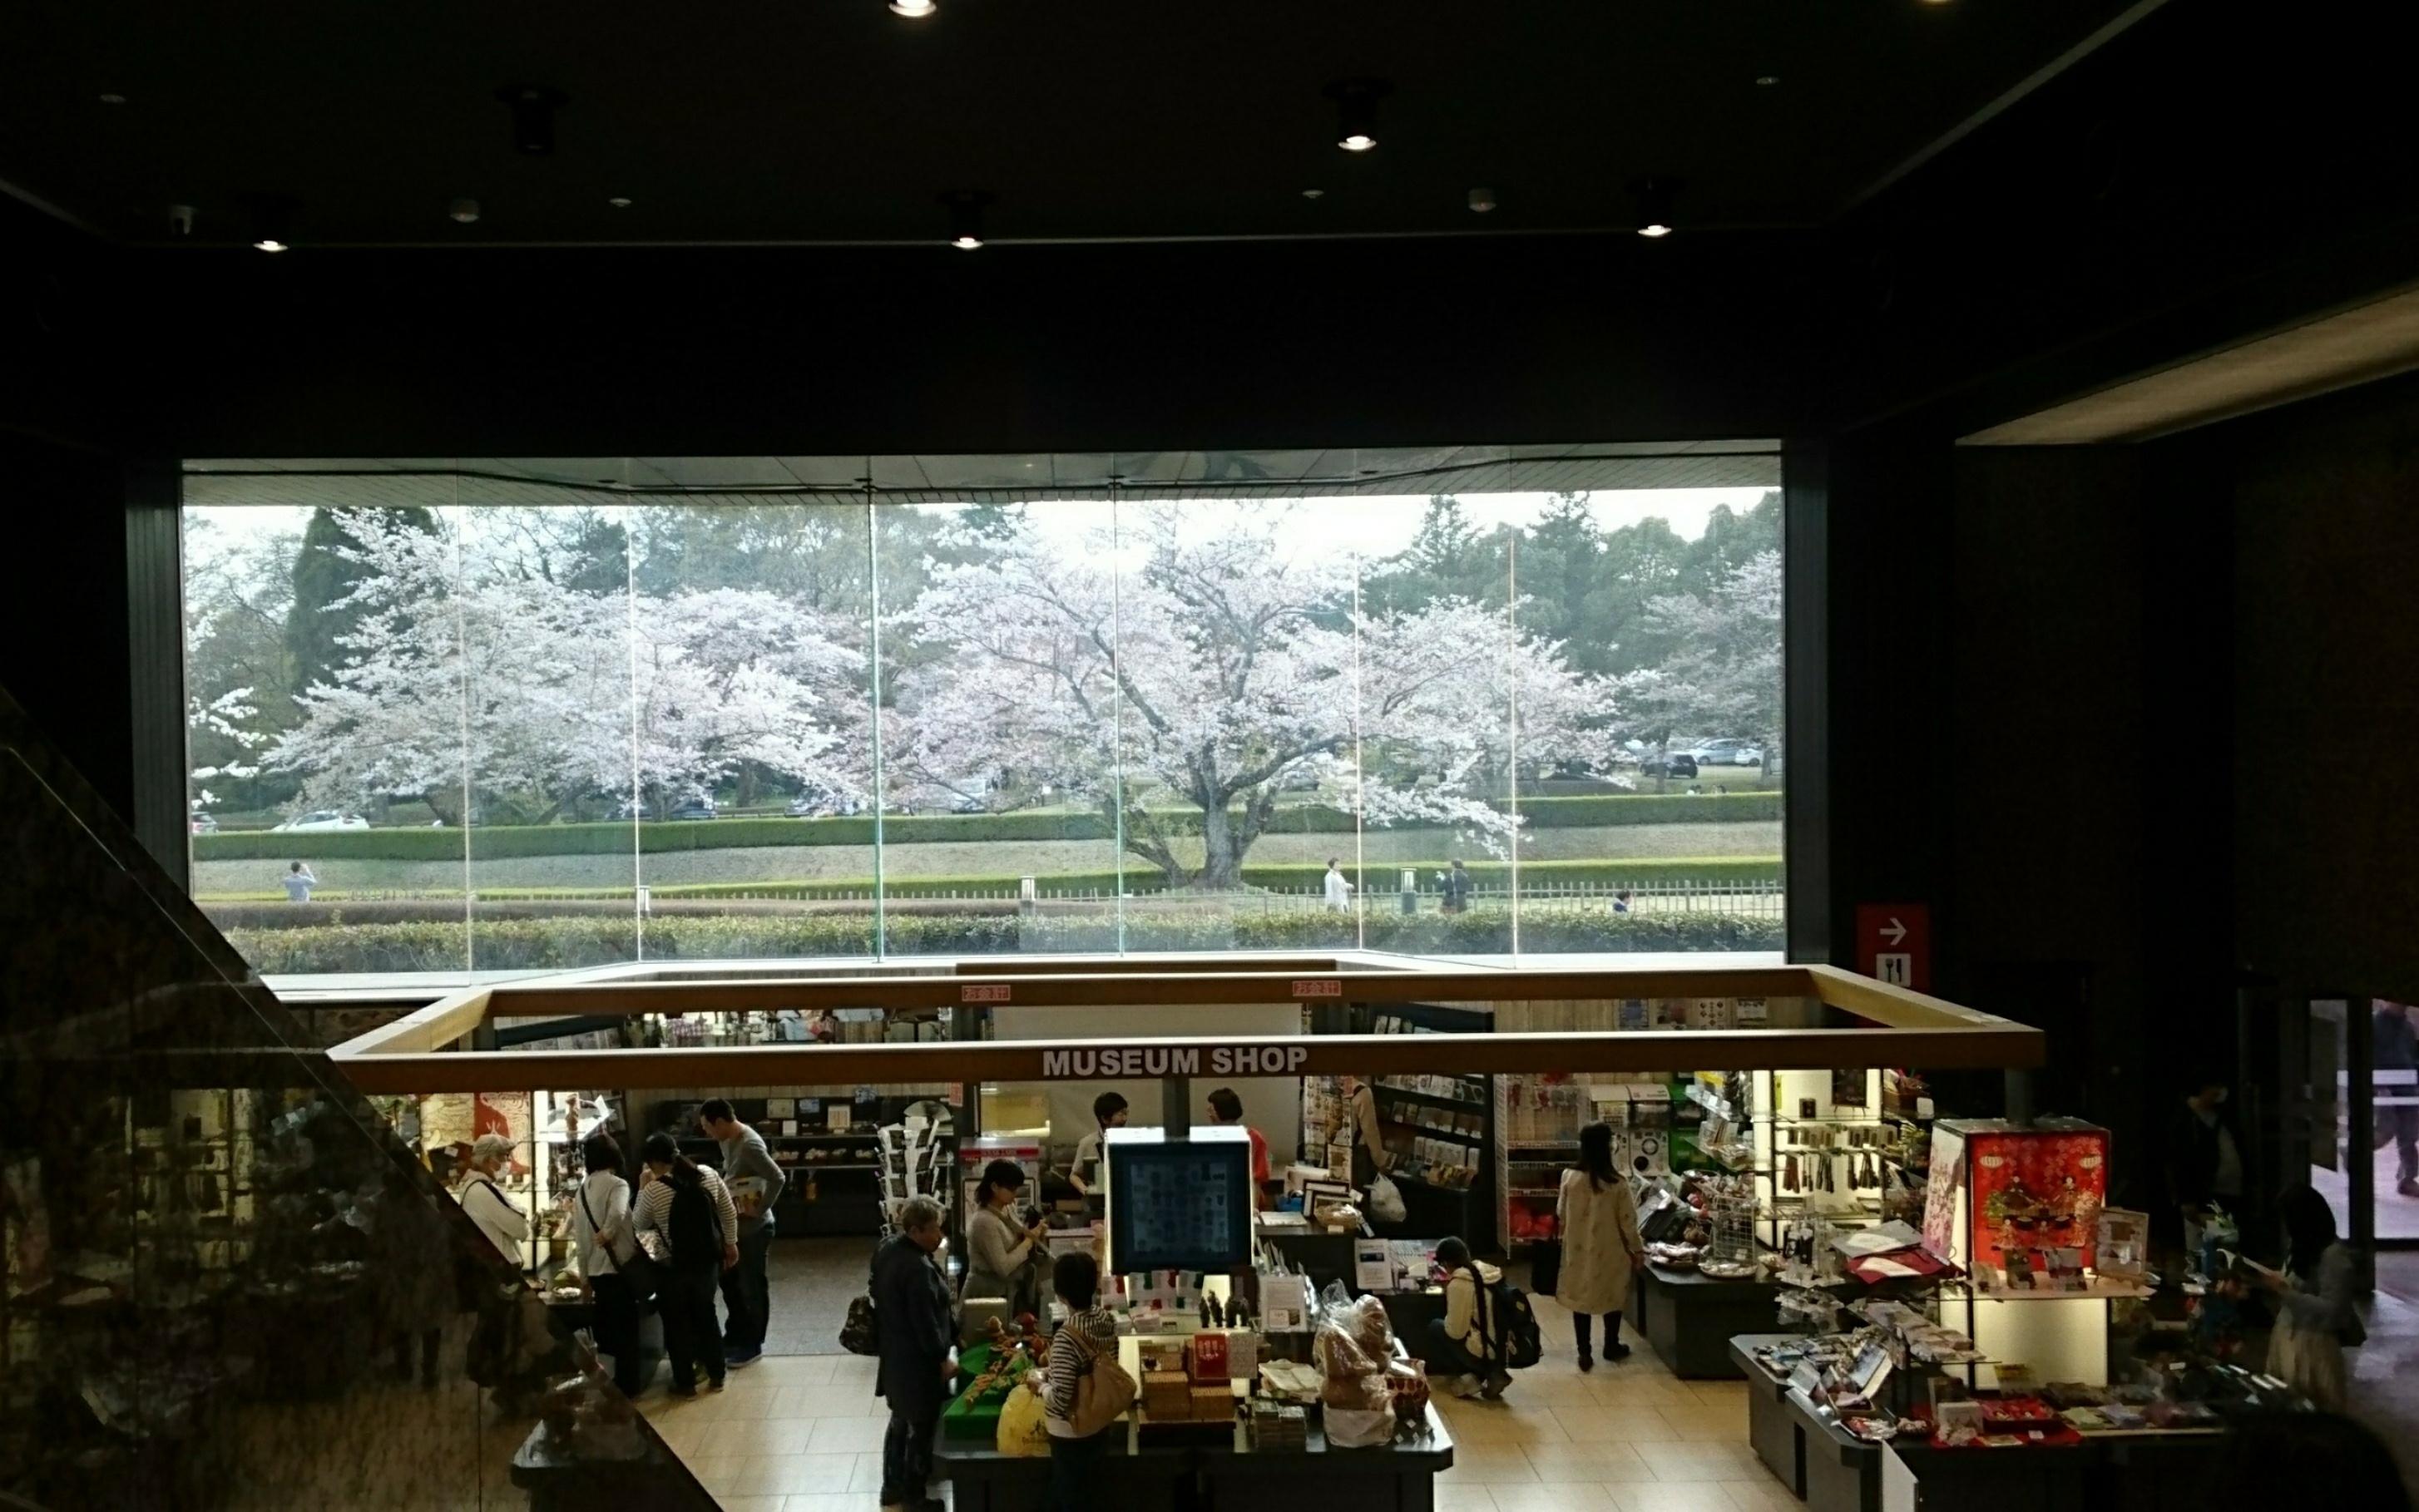 The REKIHAKU:Museum shop